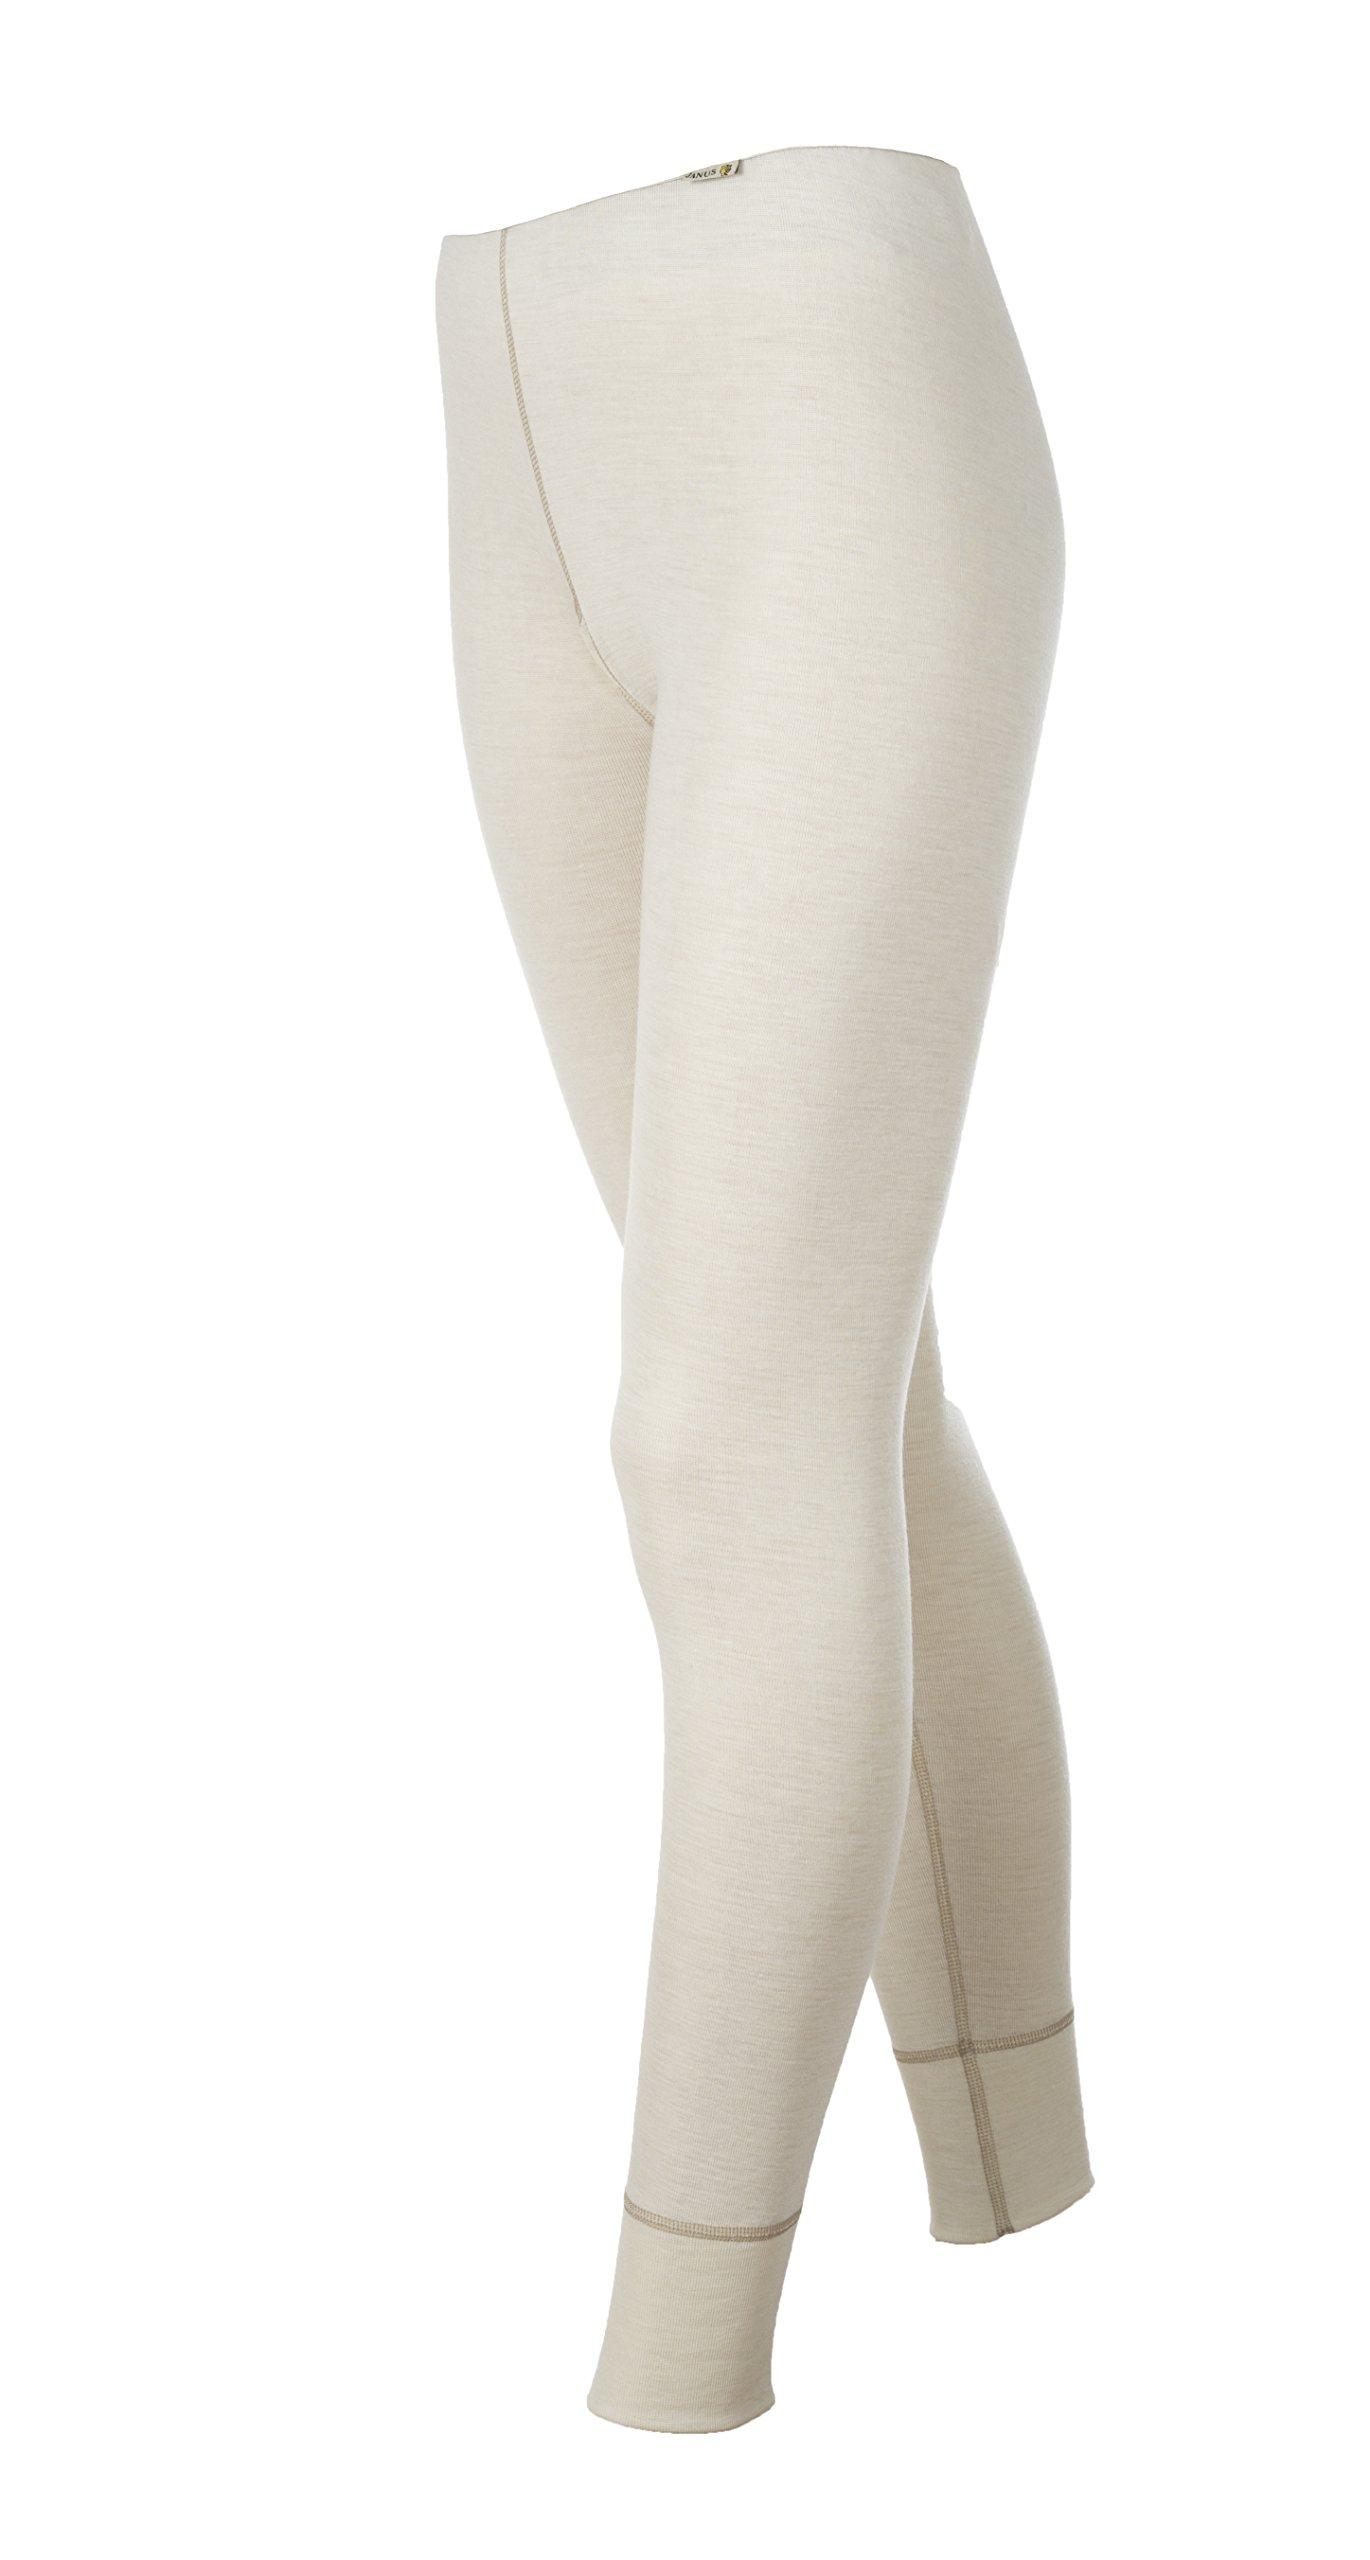 Janus 100% Merino Wool Women's Leggings Machine Washable Made in Norway. (X-Small, Natural)